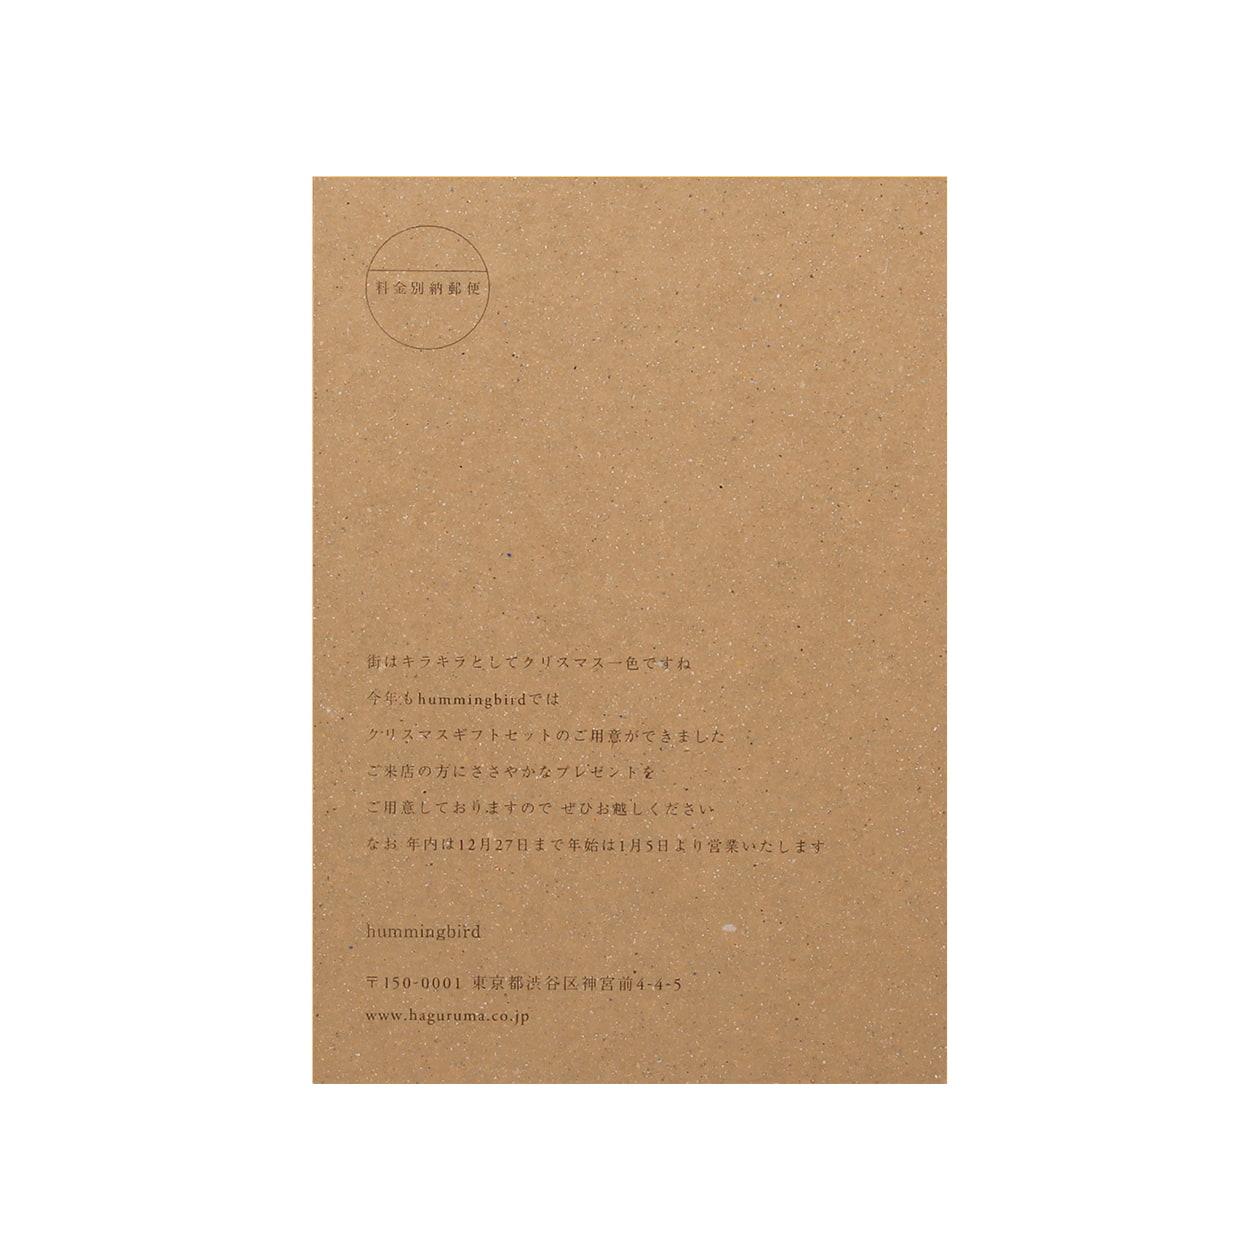 サンプル カード・シート 00380